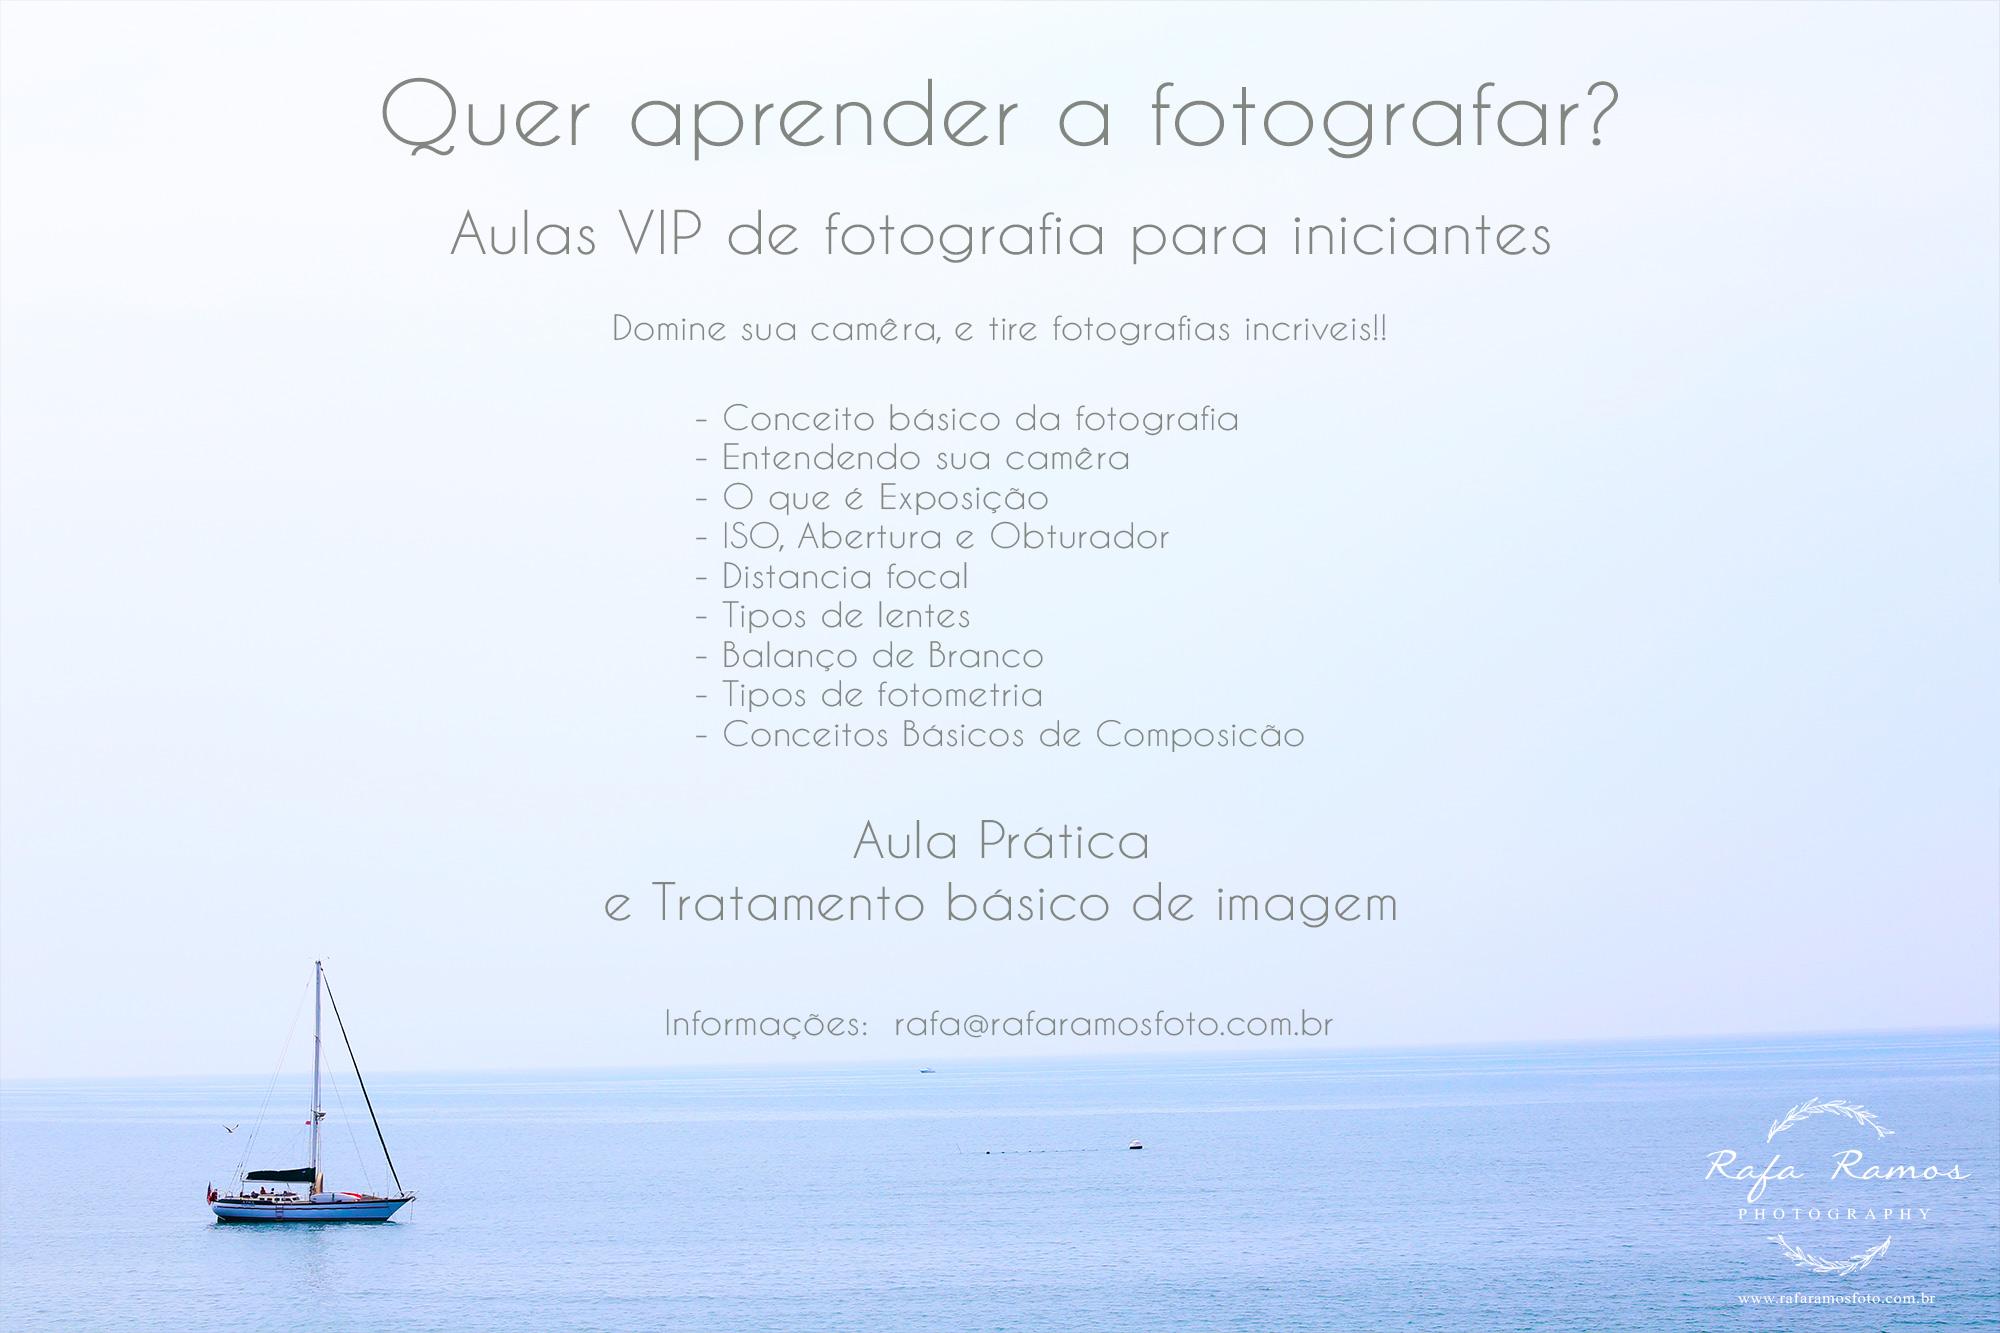 Curso de fotografia em São Paulo, Curso de Fotografia Lapa, Curso VIP de fotografia, curso de fotografia para iniciantes